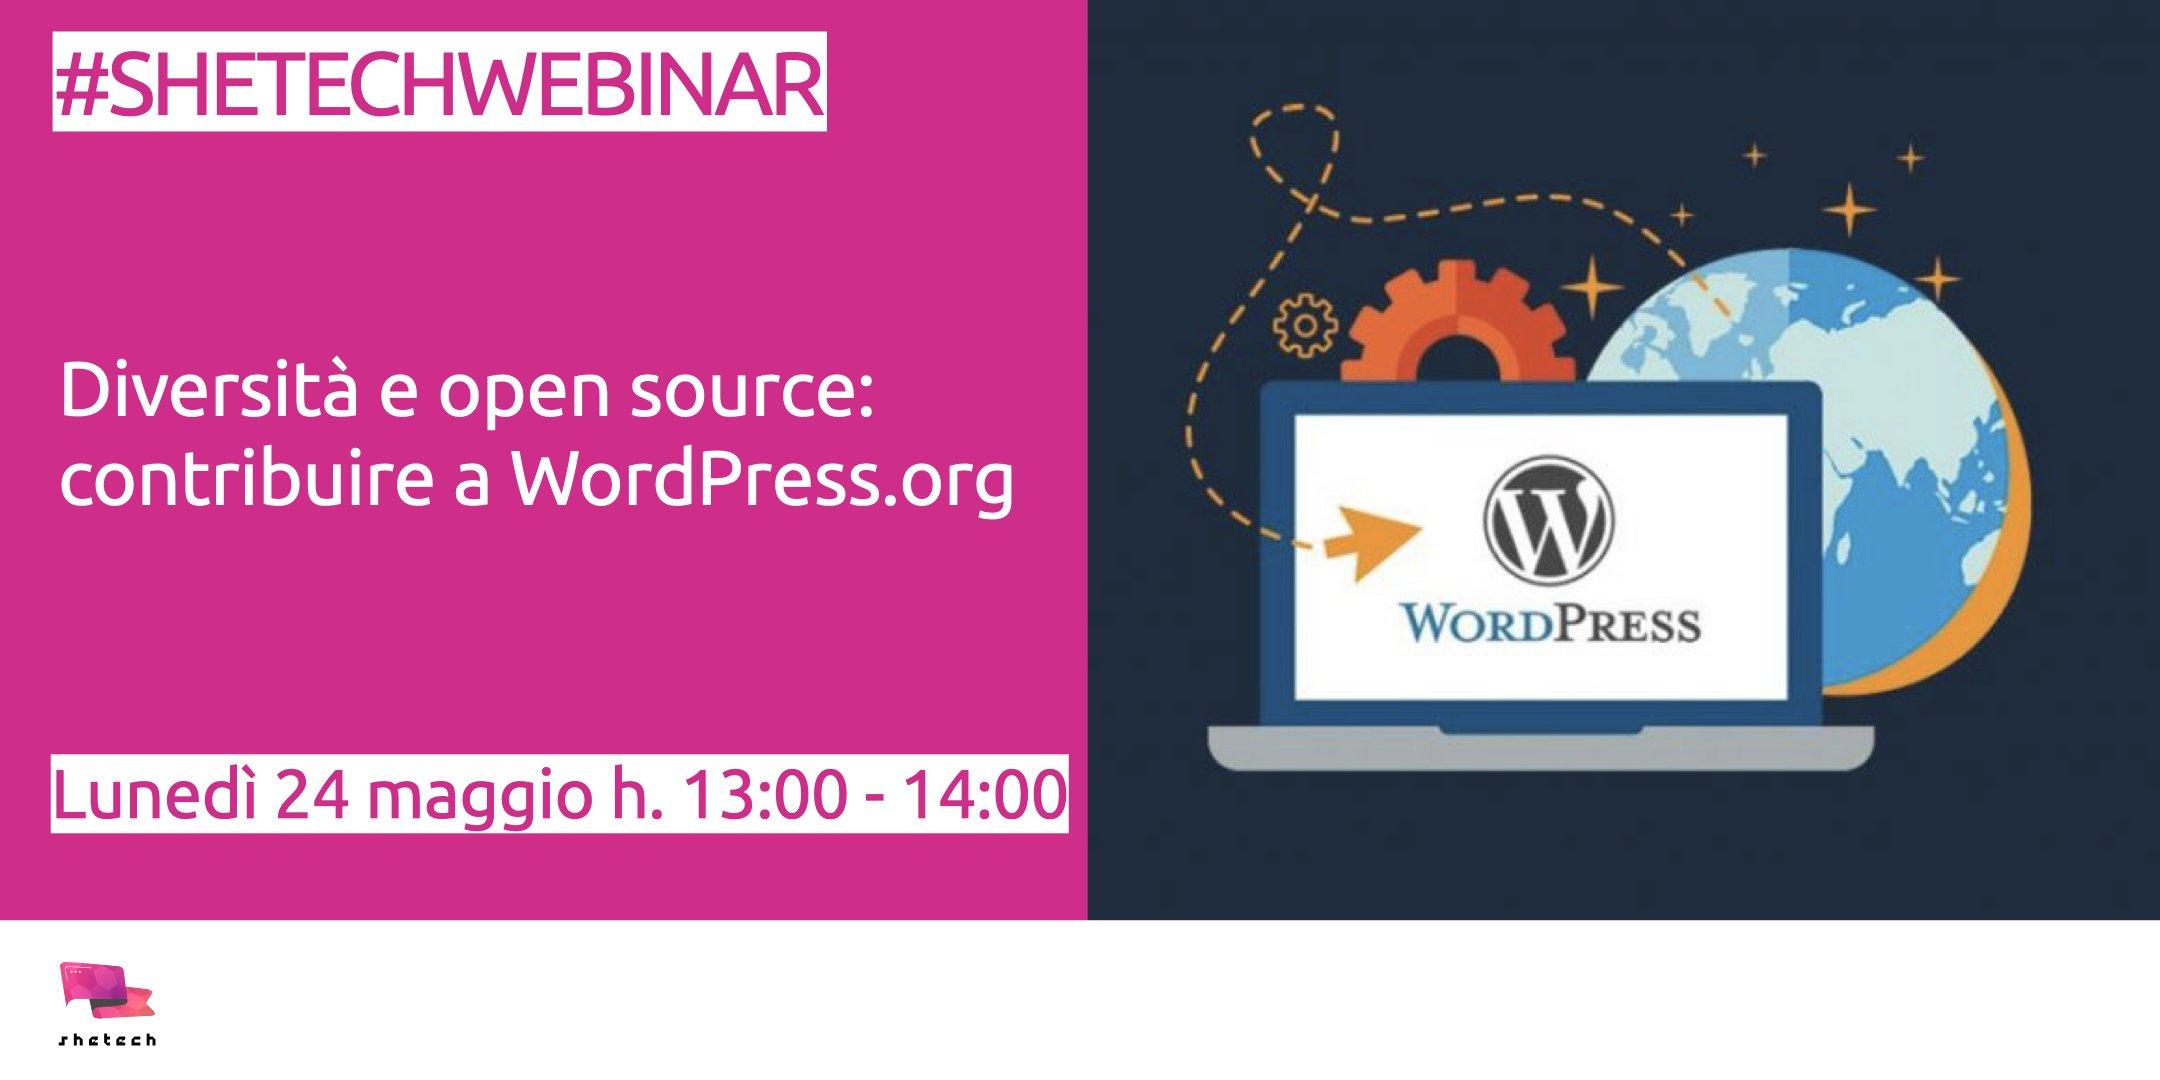 #SheTechWebinar - wordpress.org